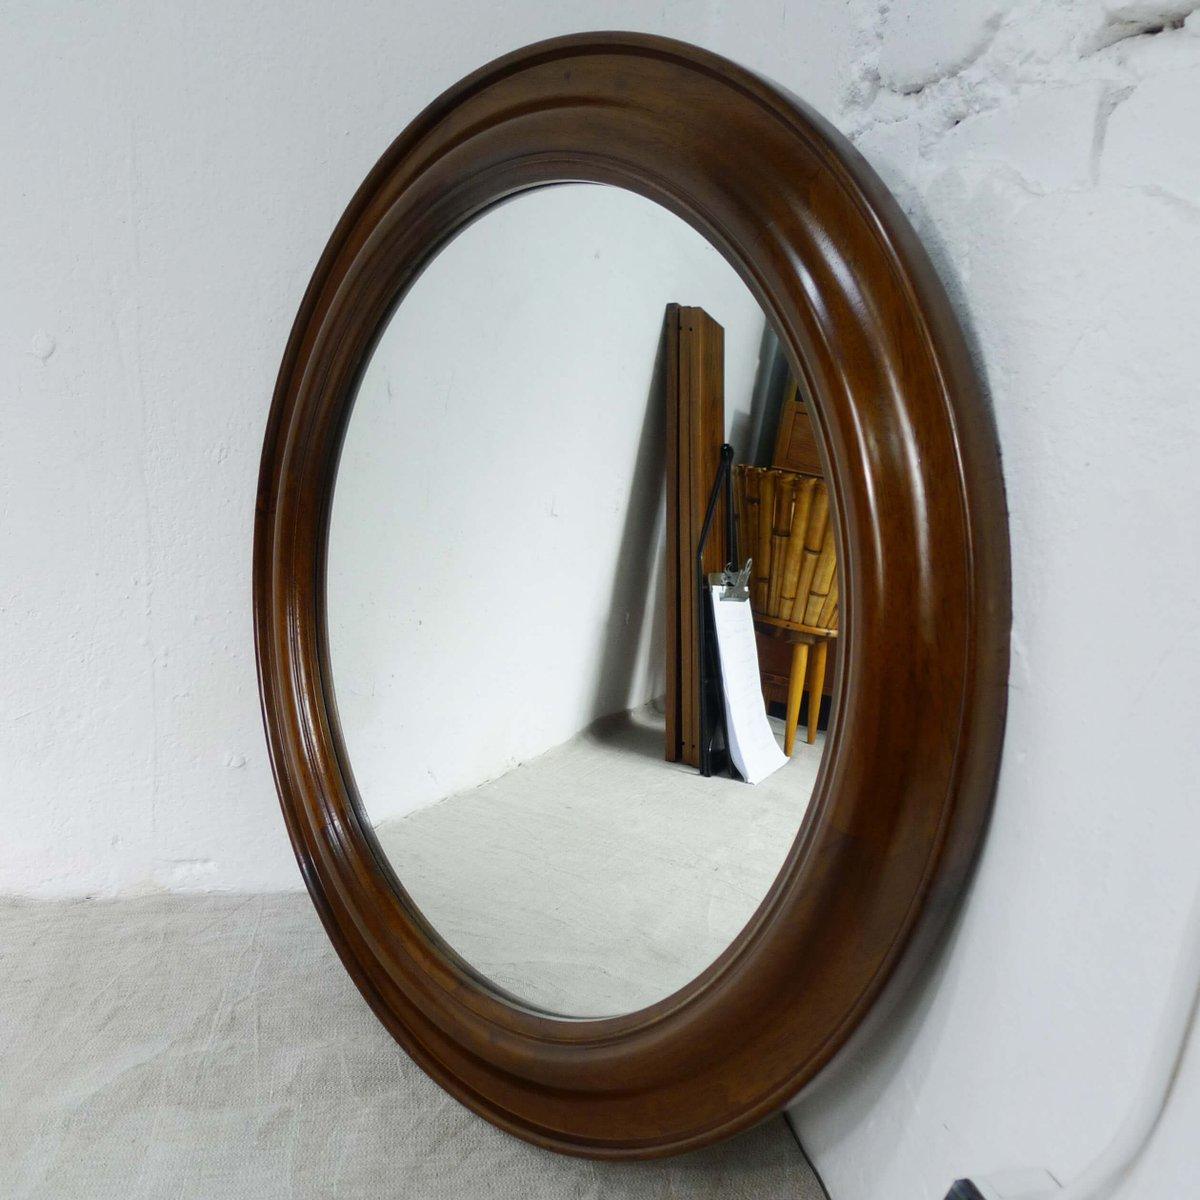 miroir art d co allemagne 1960s en vente sur pamono. Black Bedroom Furniture Sets. Home Design Ideas